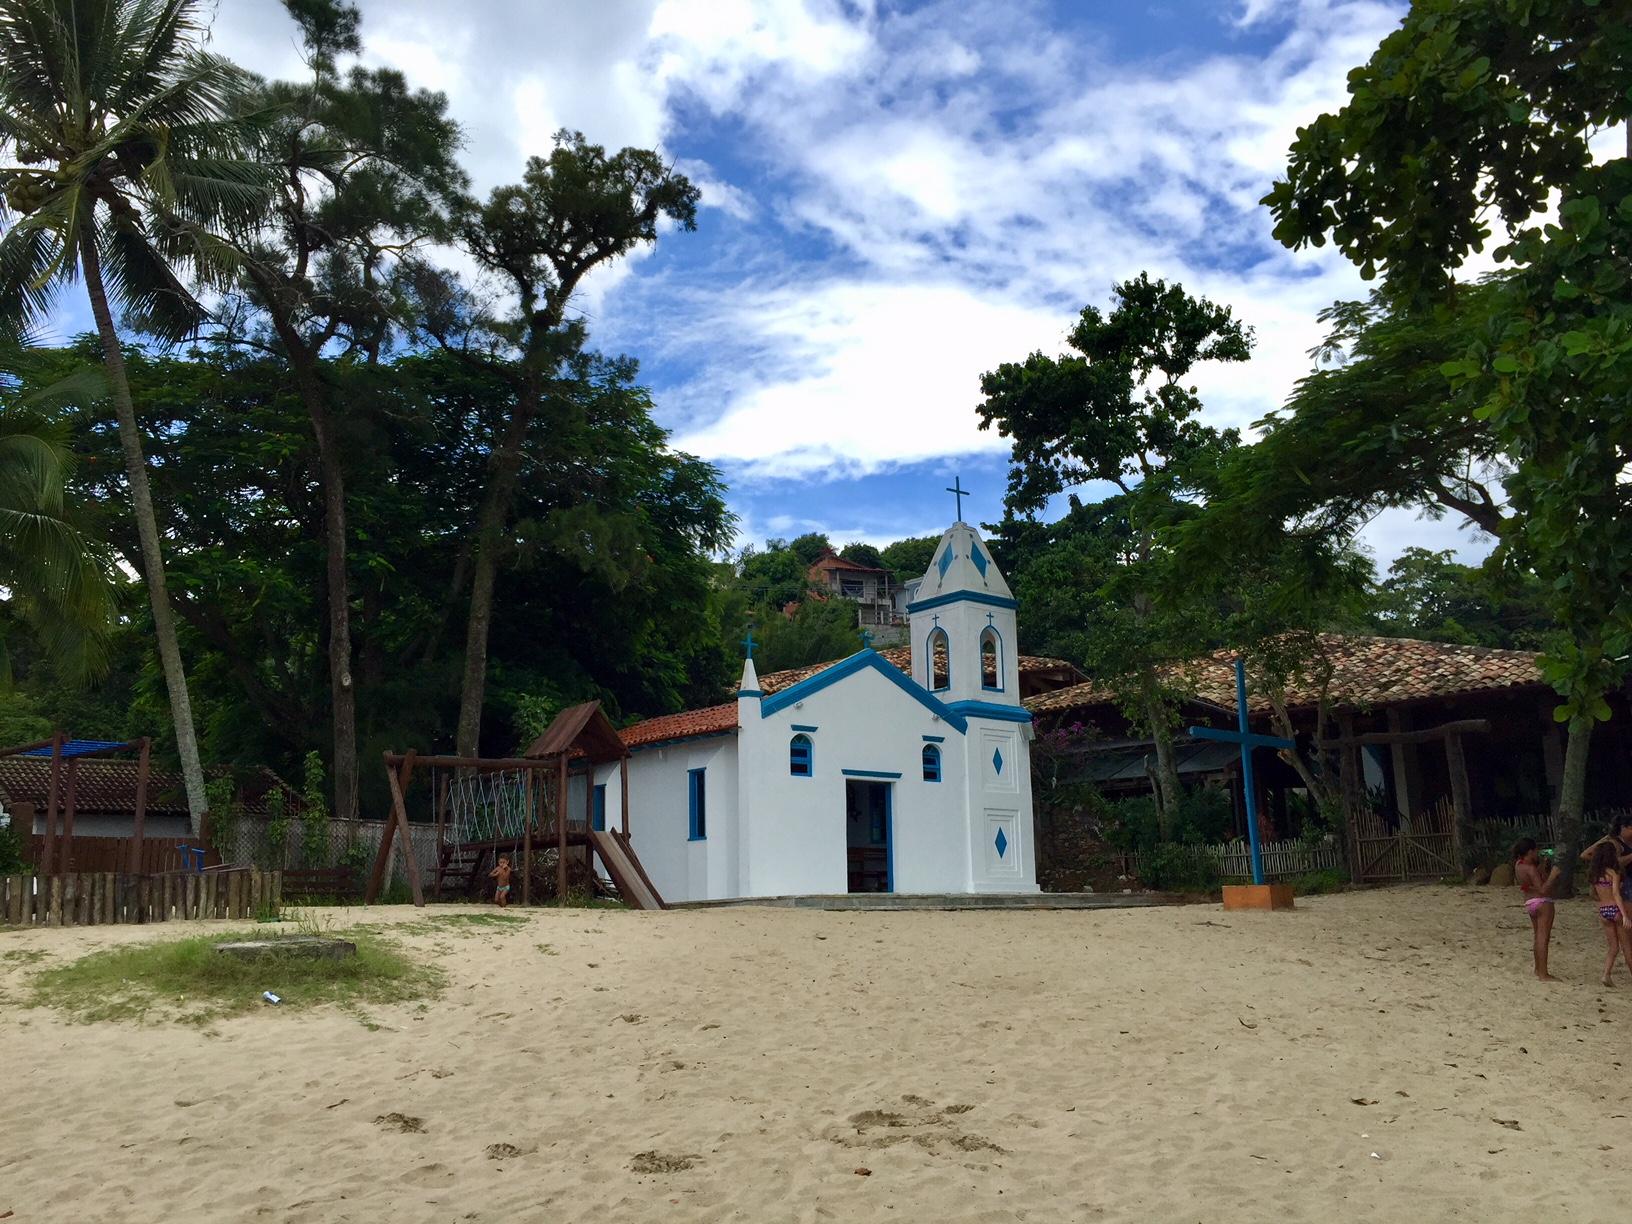 Qué ver en Ilhabela: Iglesia a pie de playa